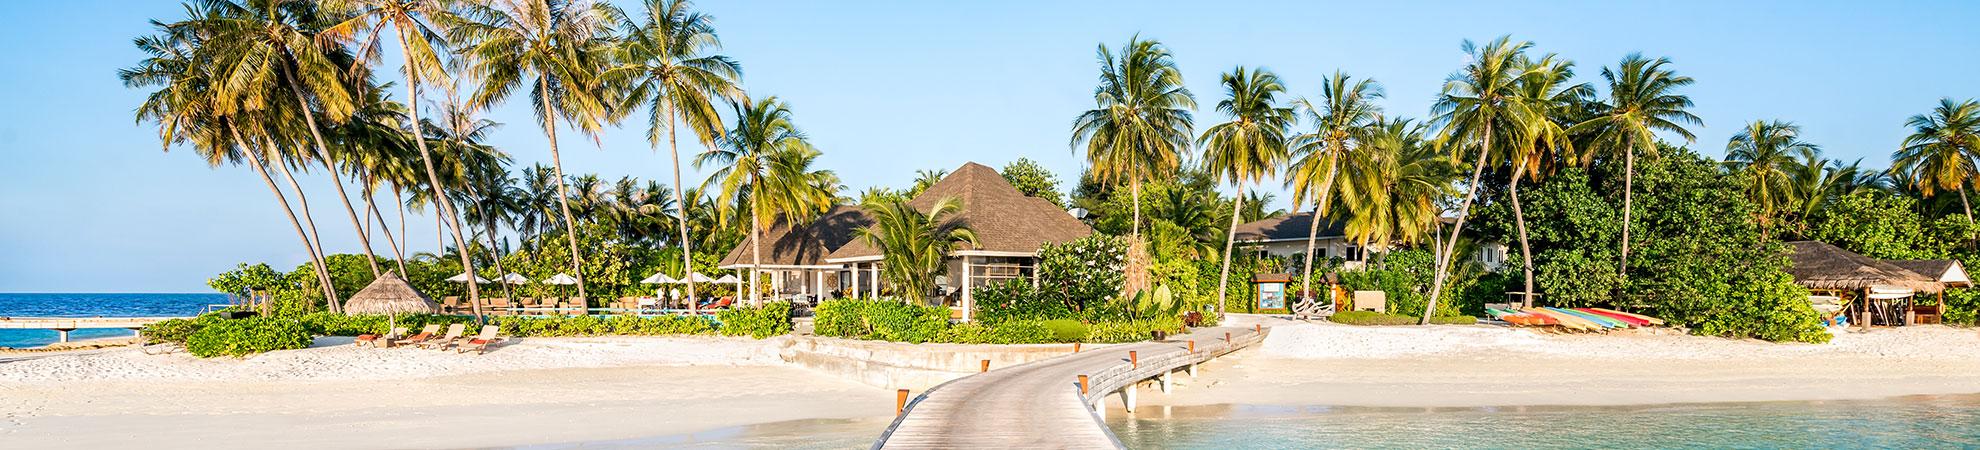 Hôtels pas chers aux Maldives